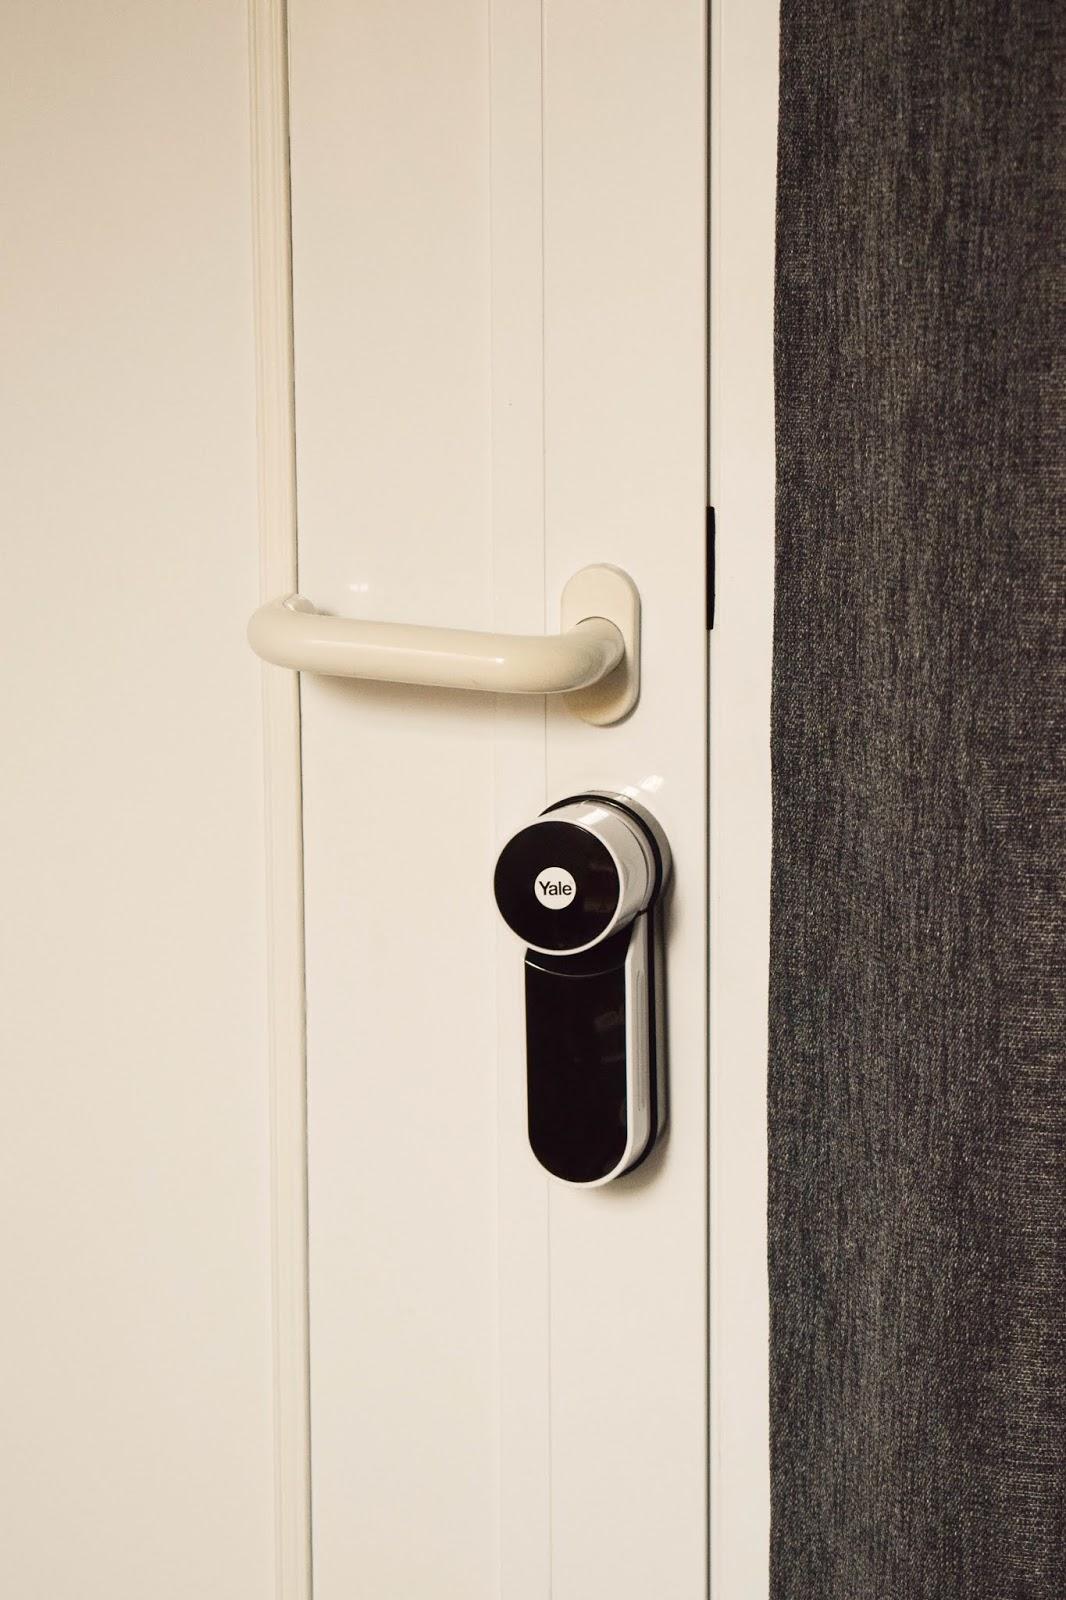 Yale Entr Smartlock: smartes Türschloss für Haustüre. Renovierung Schliesssystem und intelligente Schliessloesung. Smart Home Ideen. Renovierung Tür, Eingang, Diele